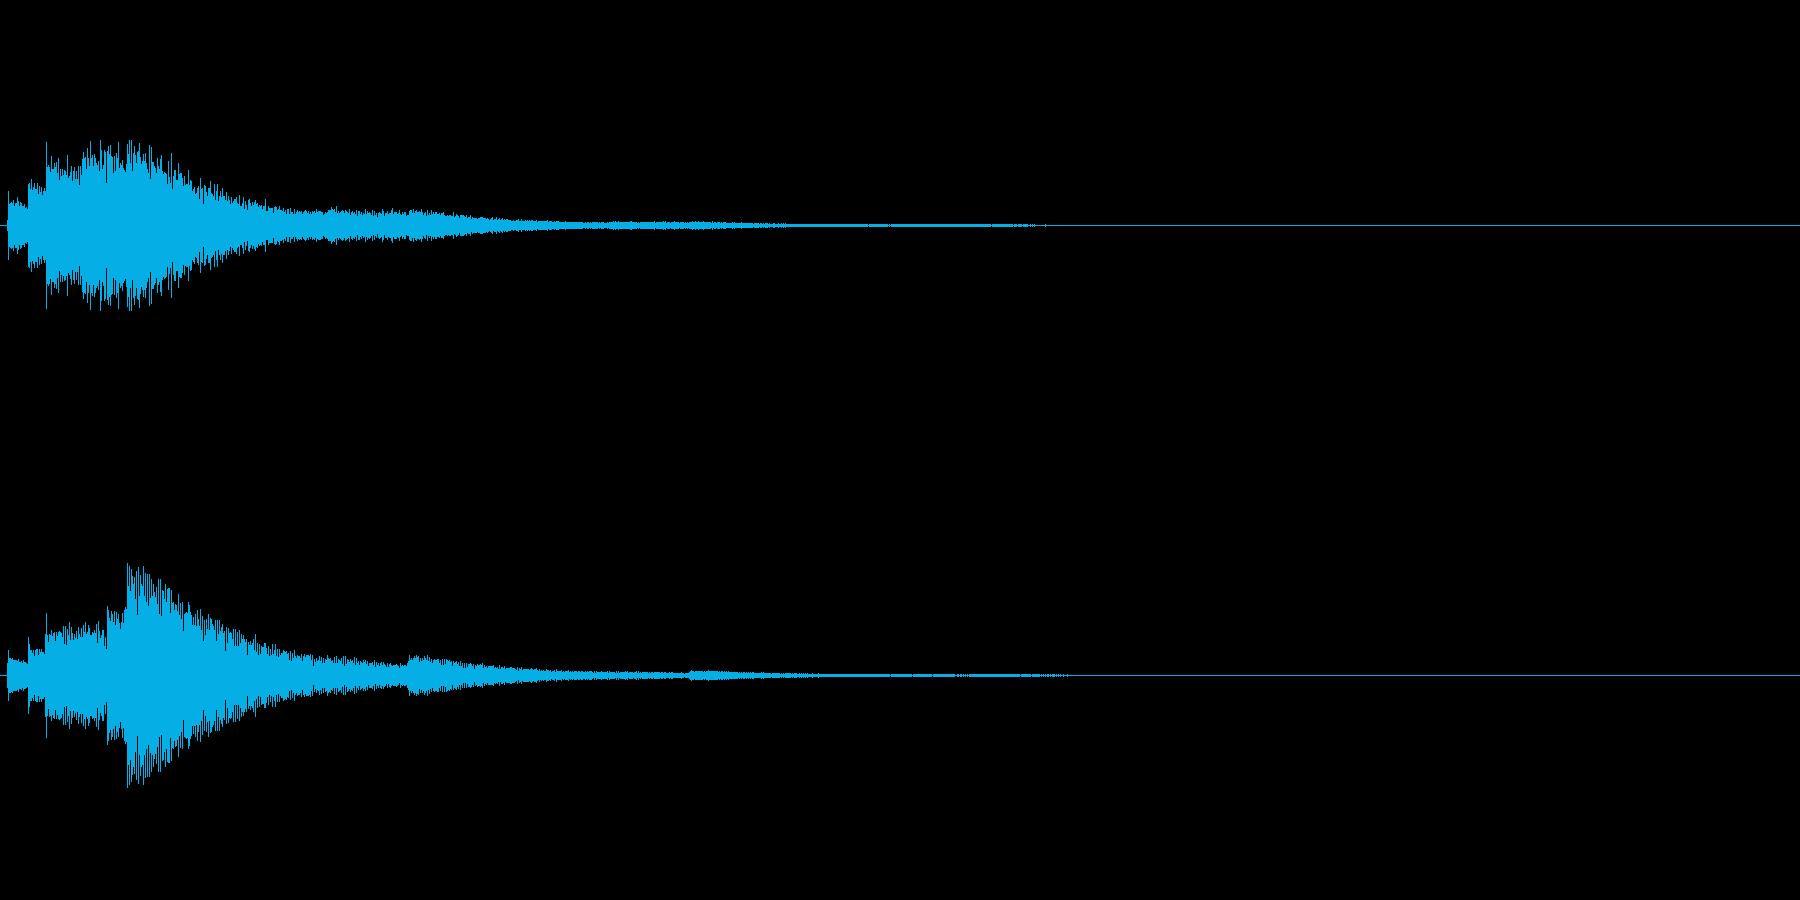 【ショートブリッジ02-2】の再生済みの波形